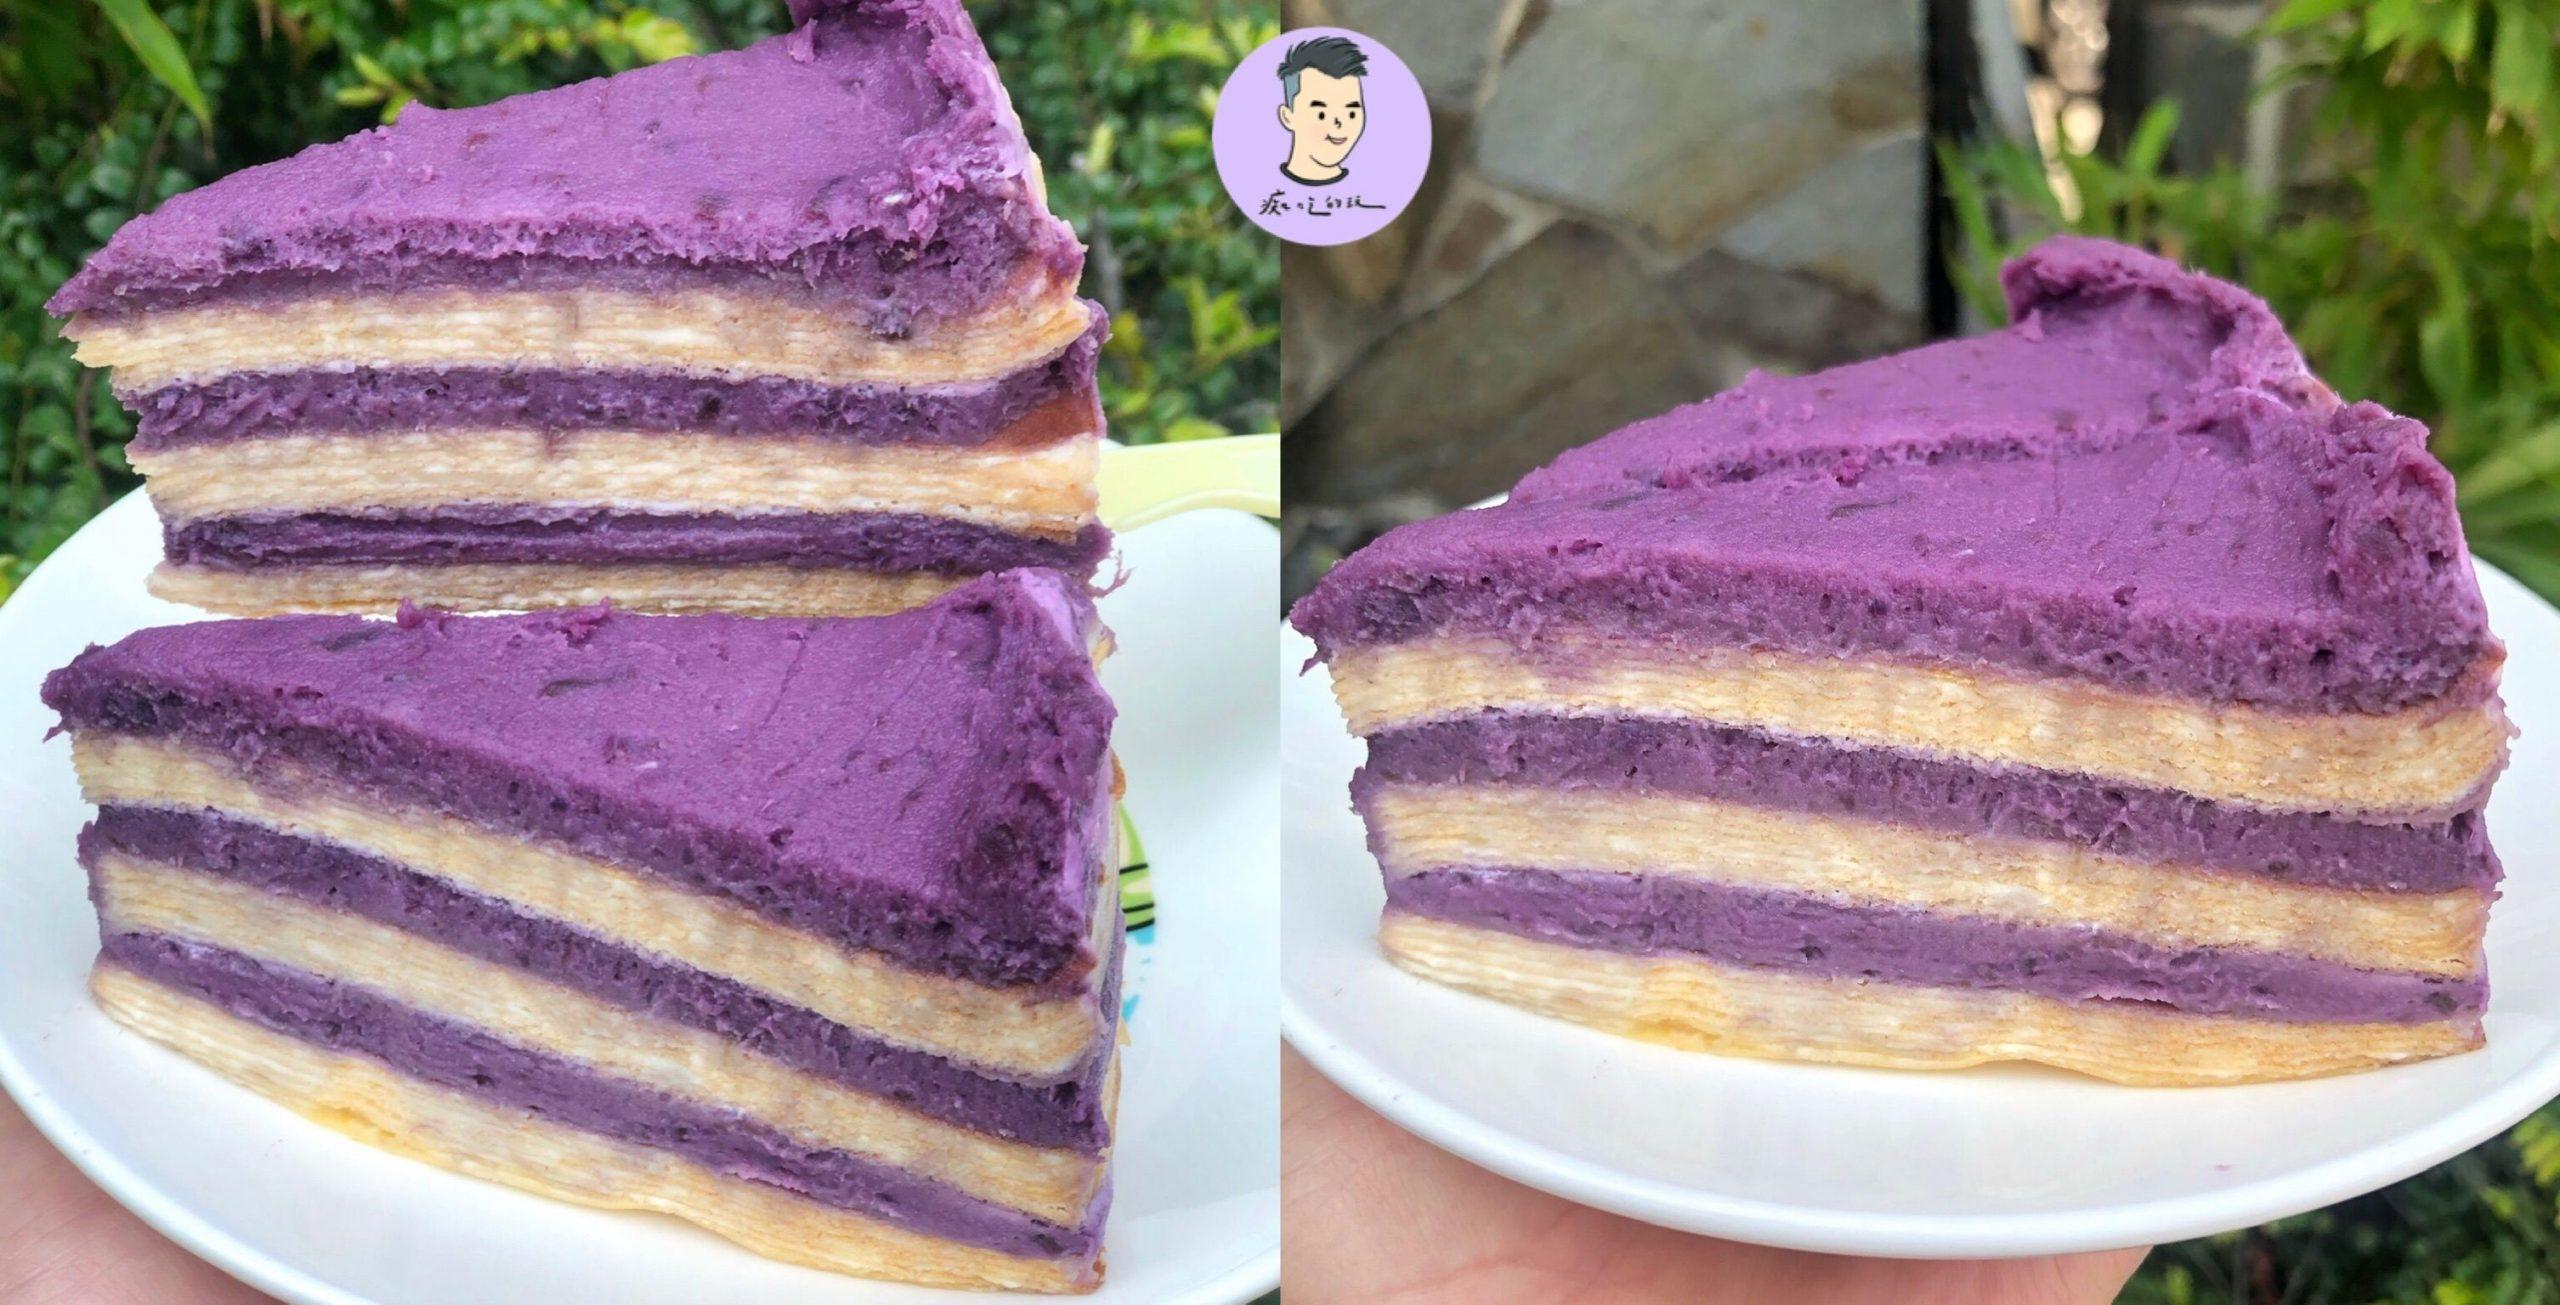 永康限定!台南第一間賣「紫地瓜千層」厚厚三層夢幻紫色!只要75元俗到爆 一天才賣3.5小時 – 同二廚房烘焙